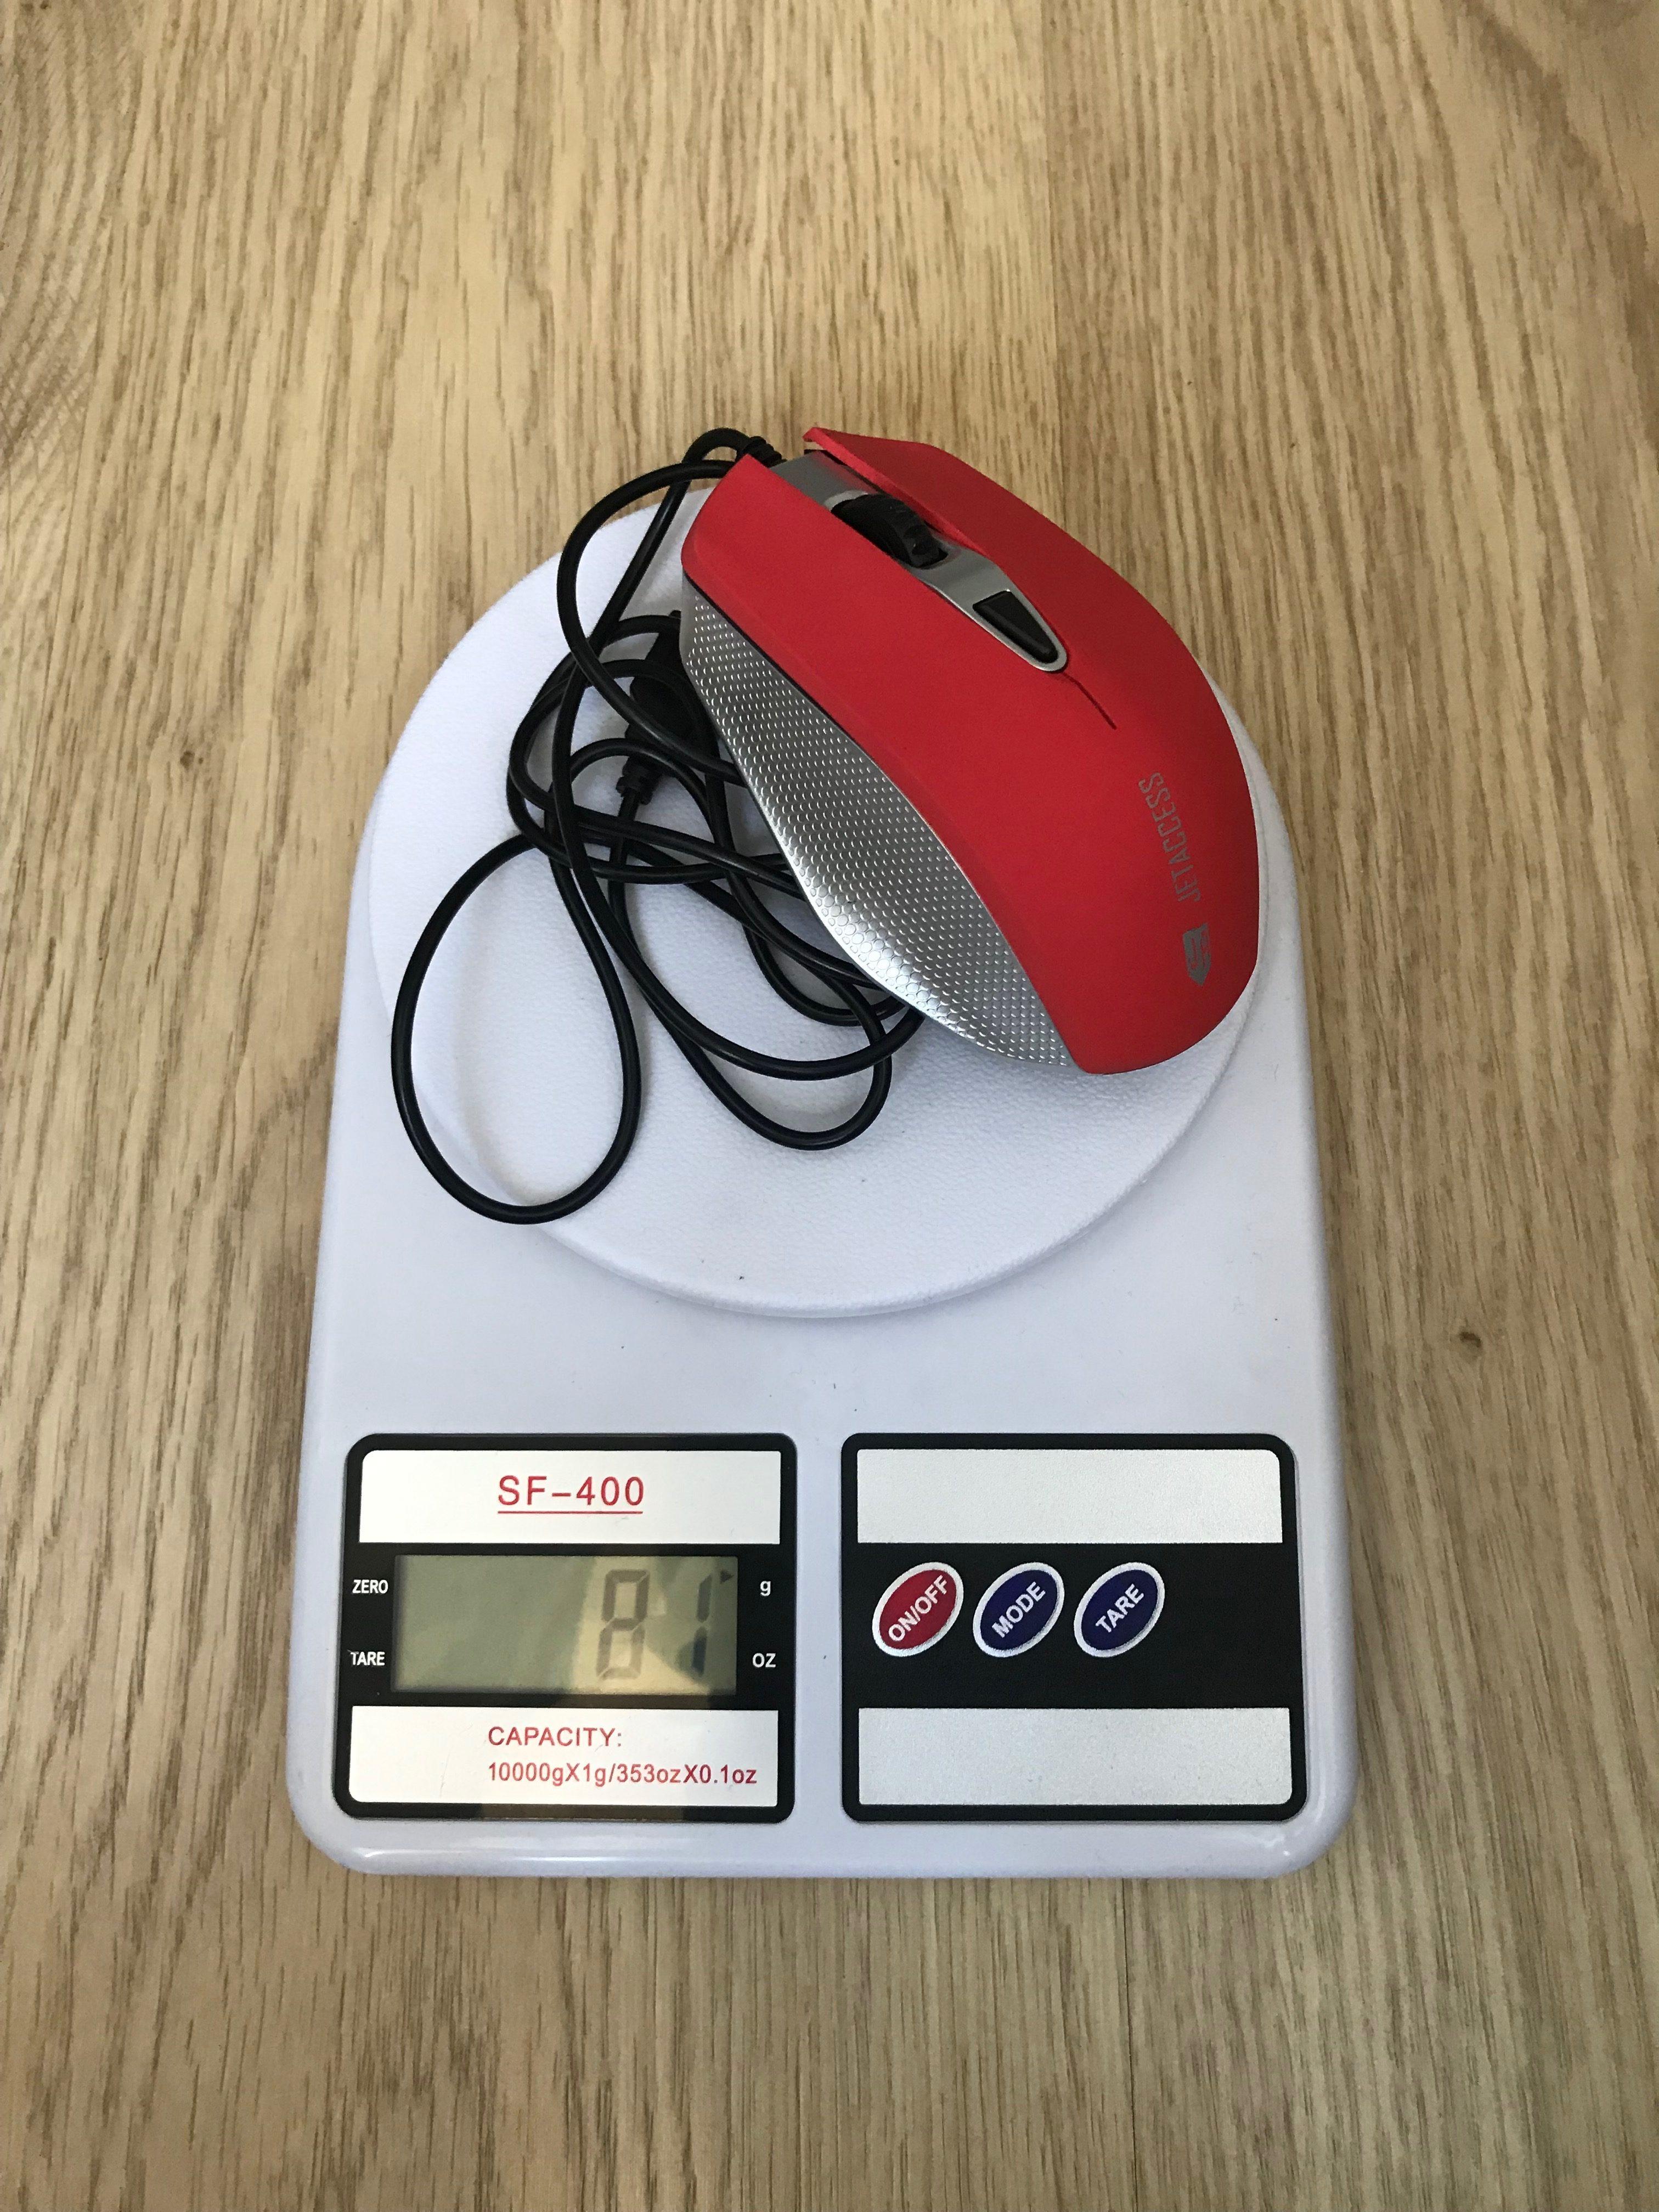 вес мышки компьютерной